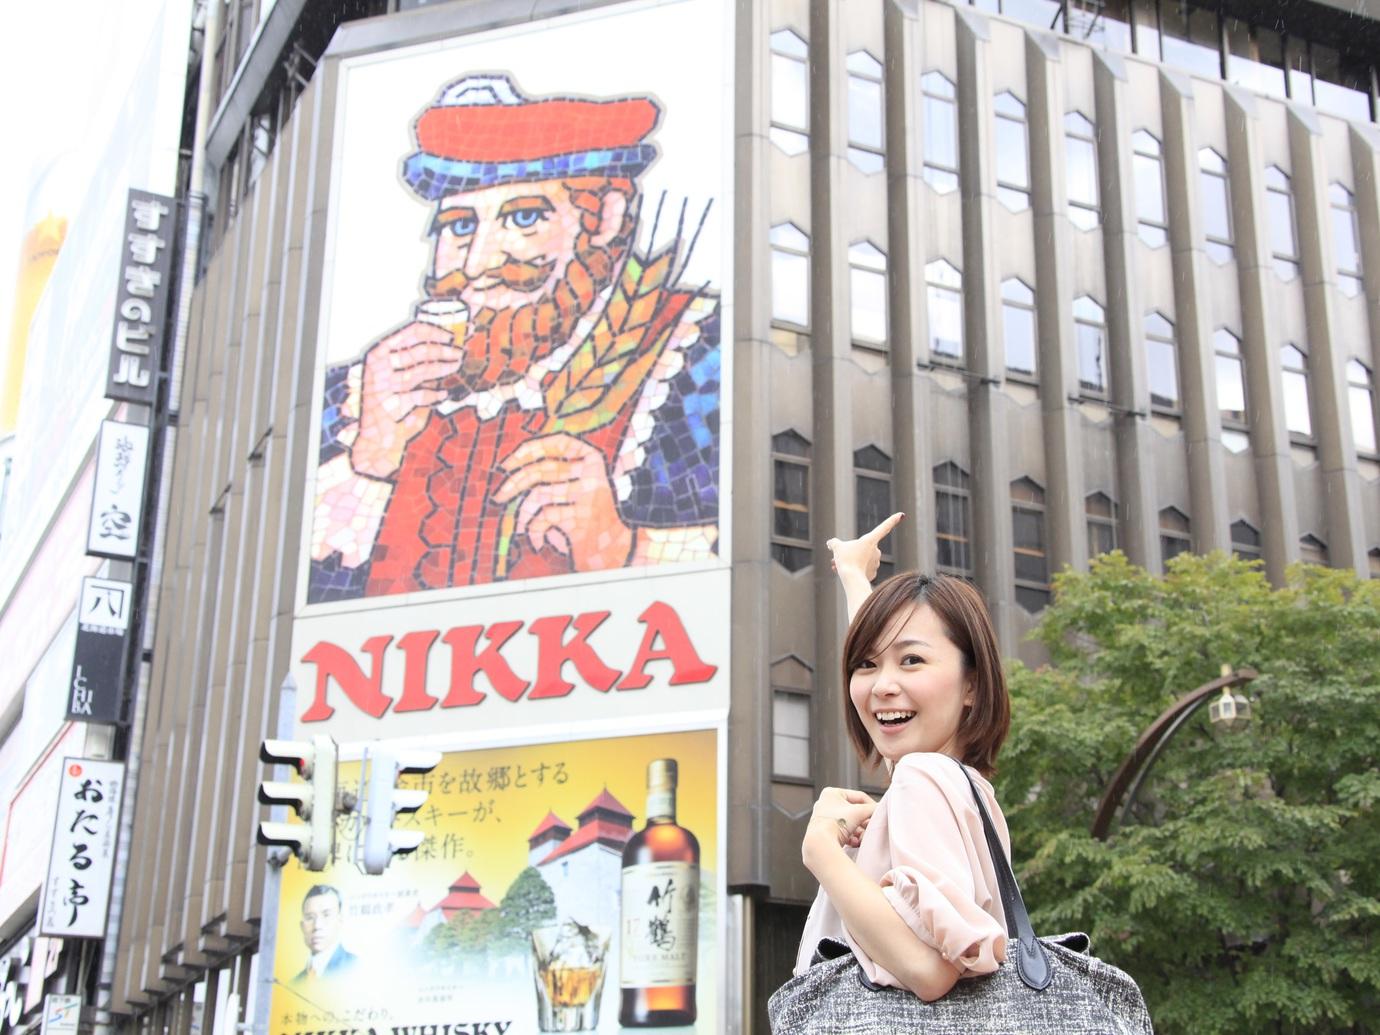 すすきの繁華街 / Susukino downtown area